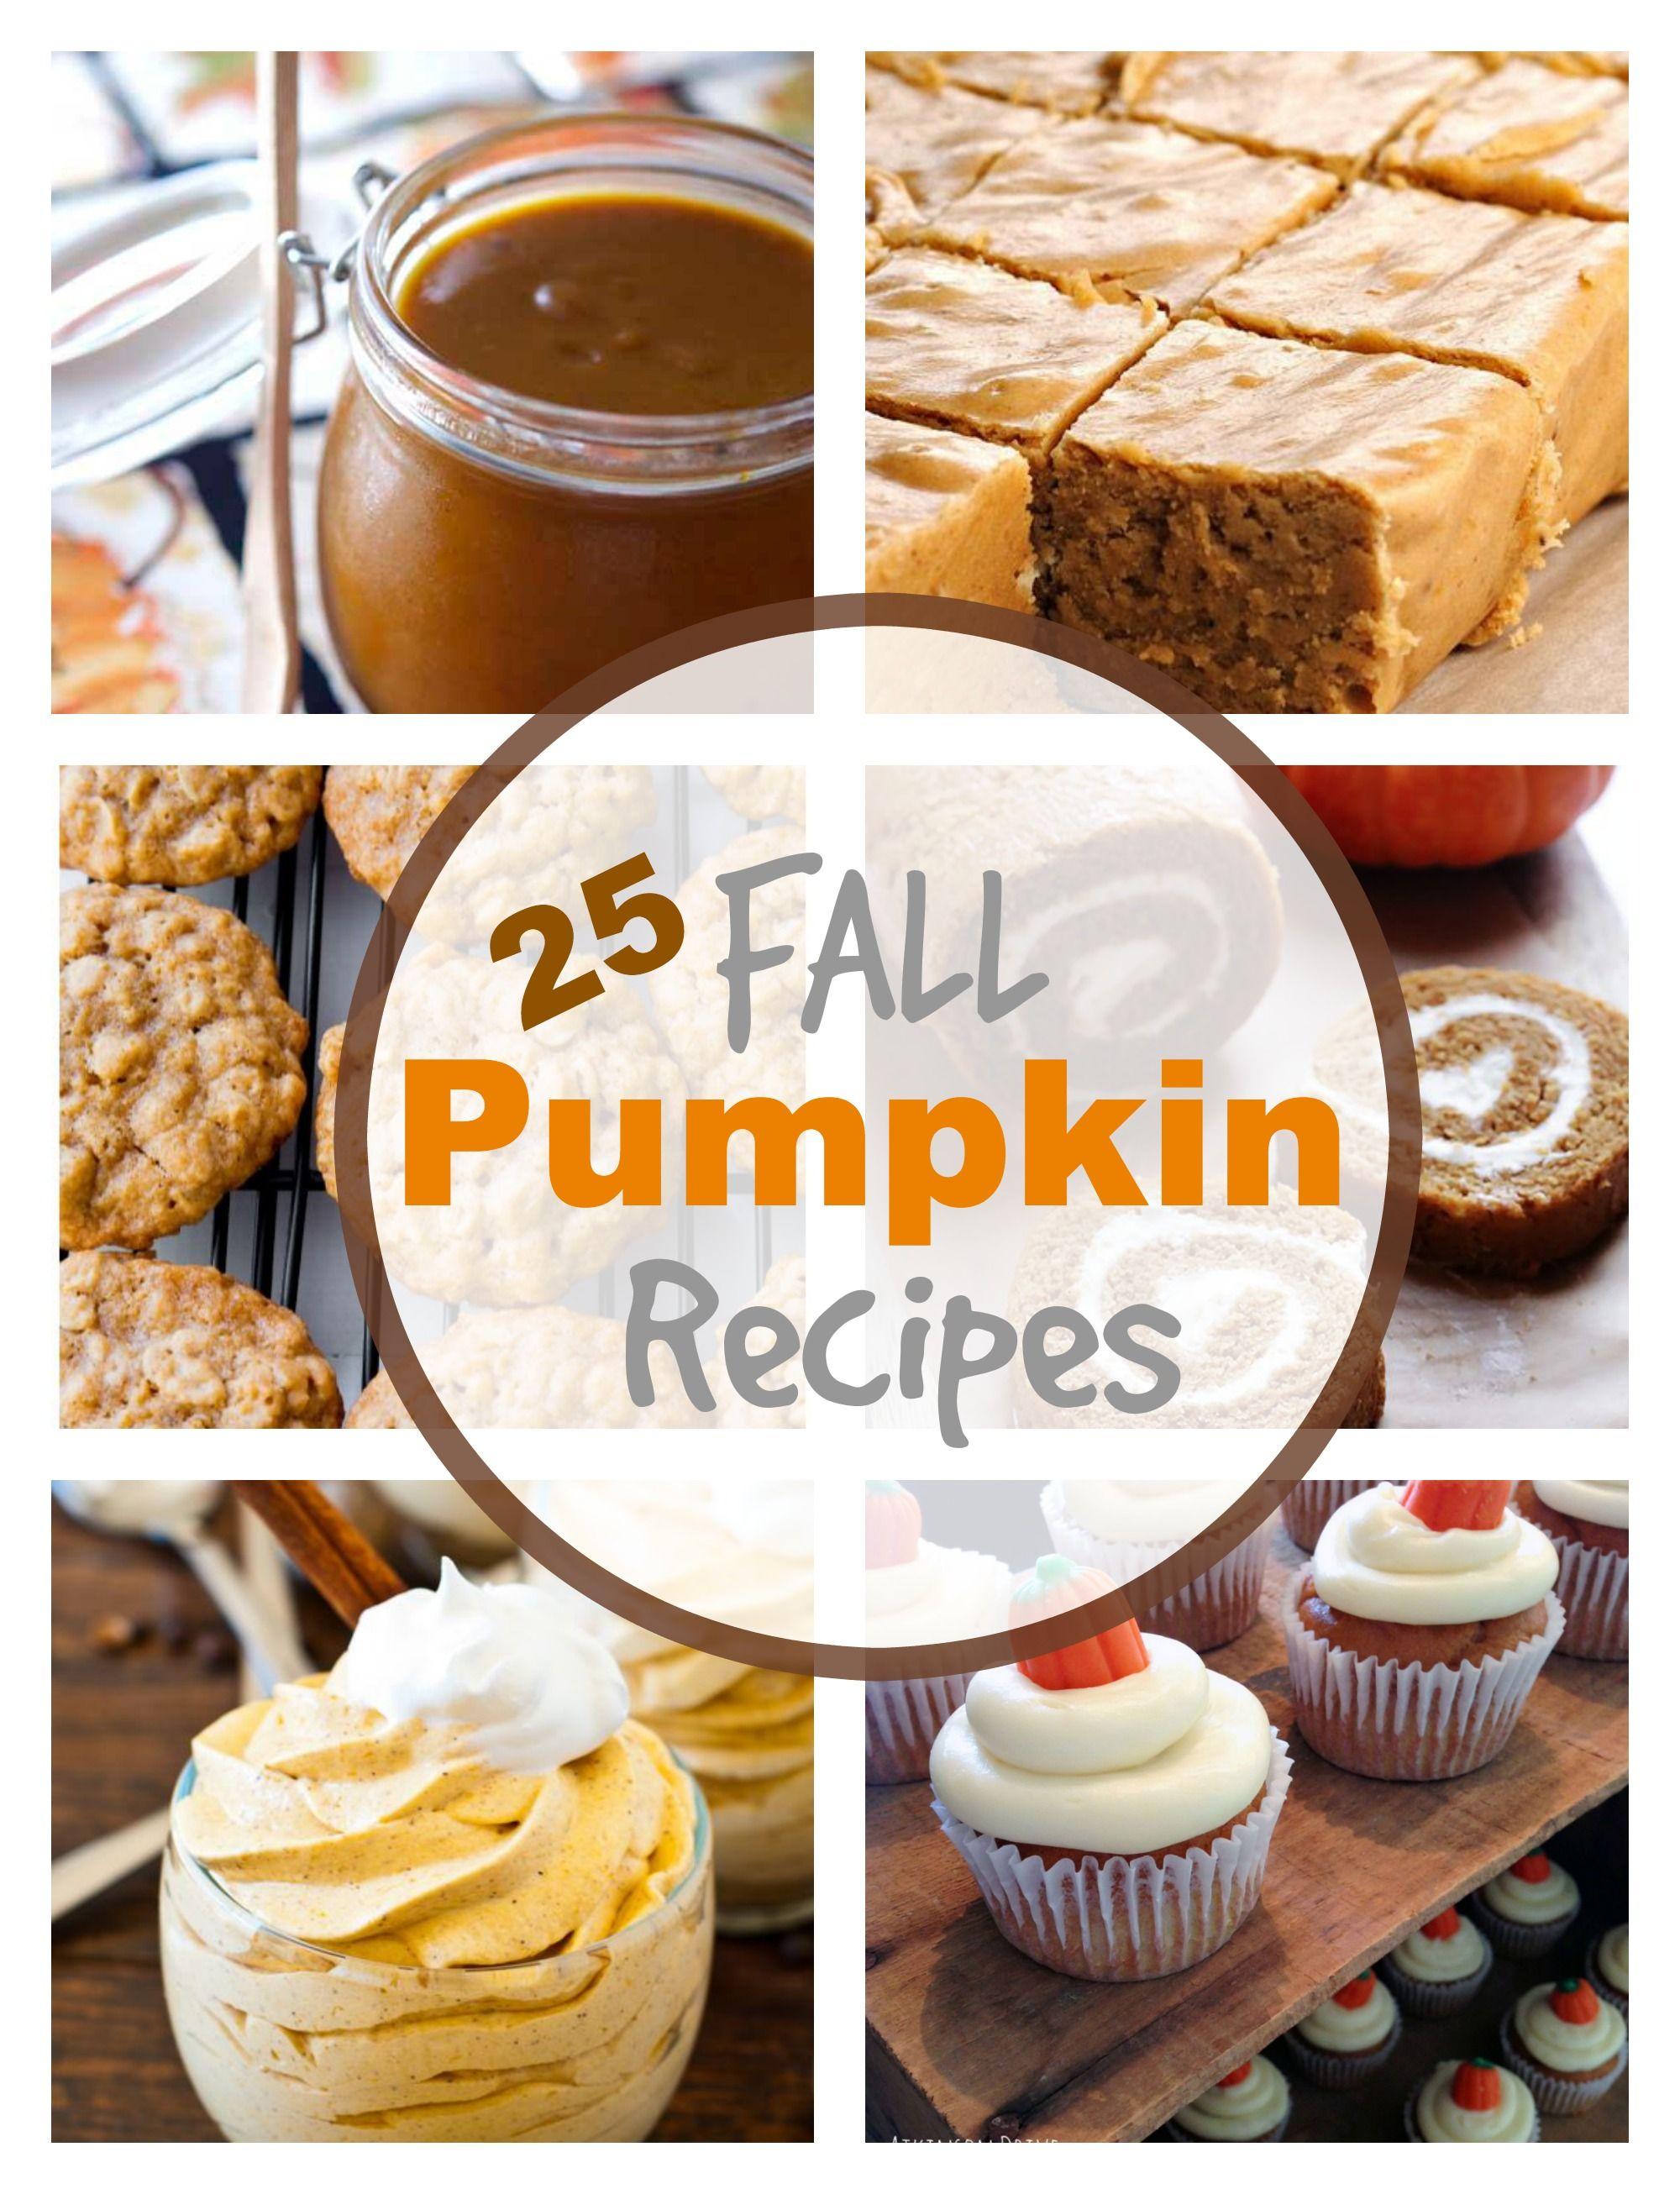 25 Fall Pumpkin Recipes Pumpkin Recipes Pumpkin Dessert Fall Recipes